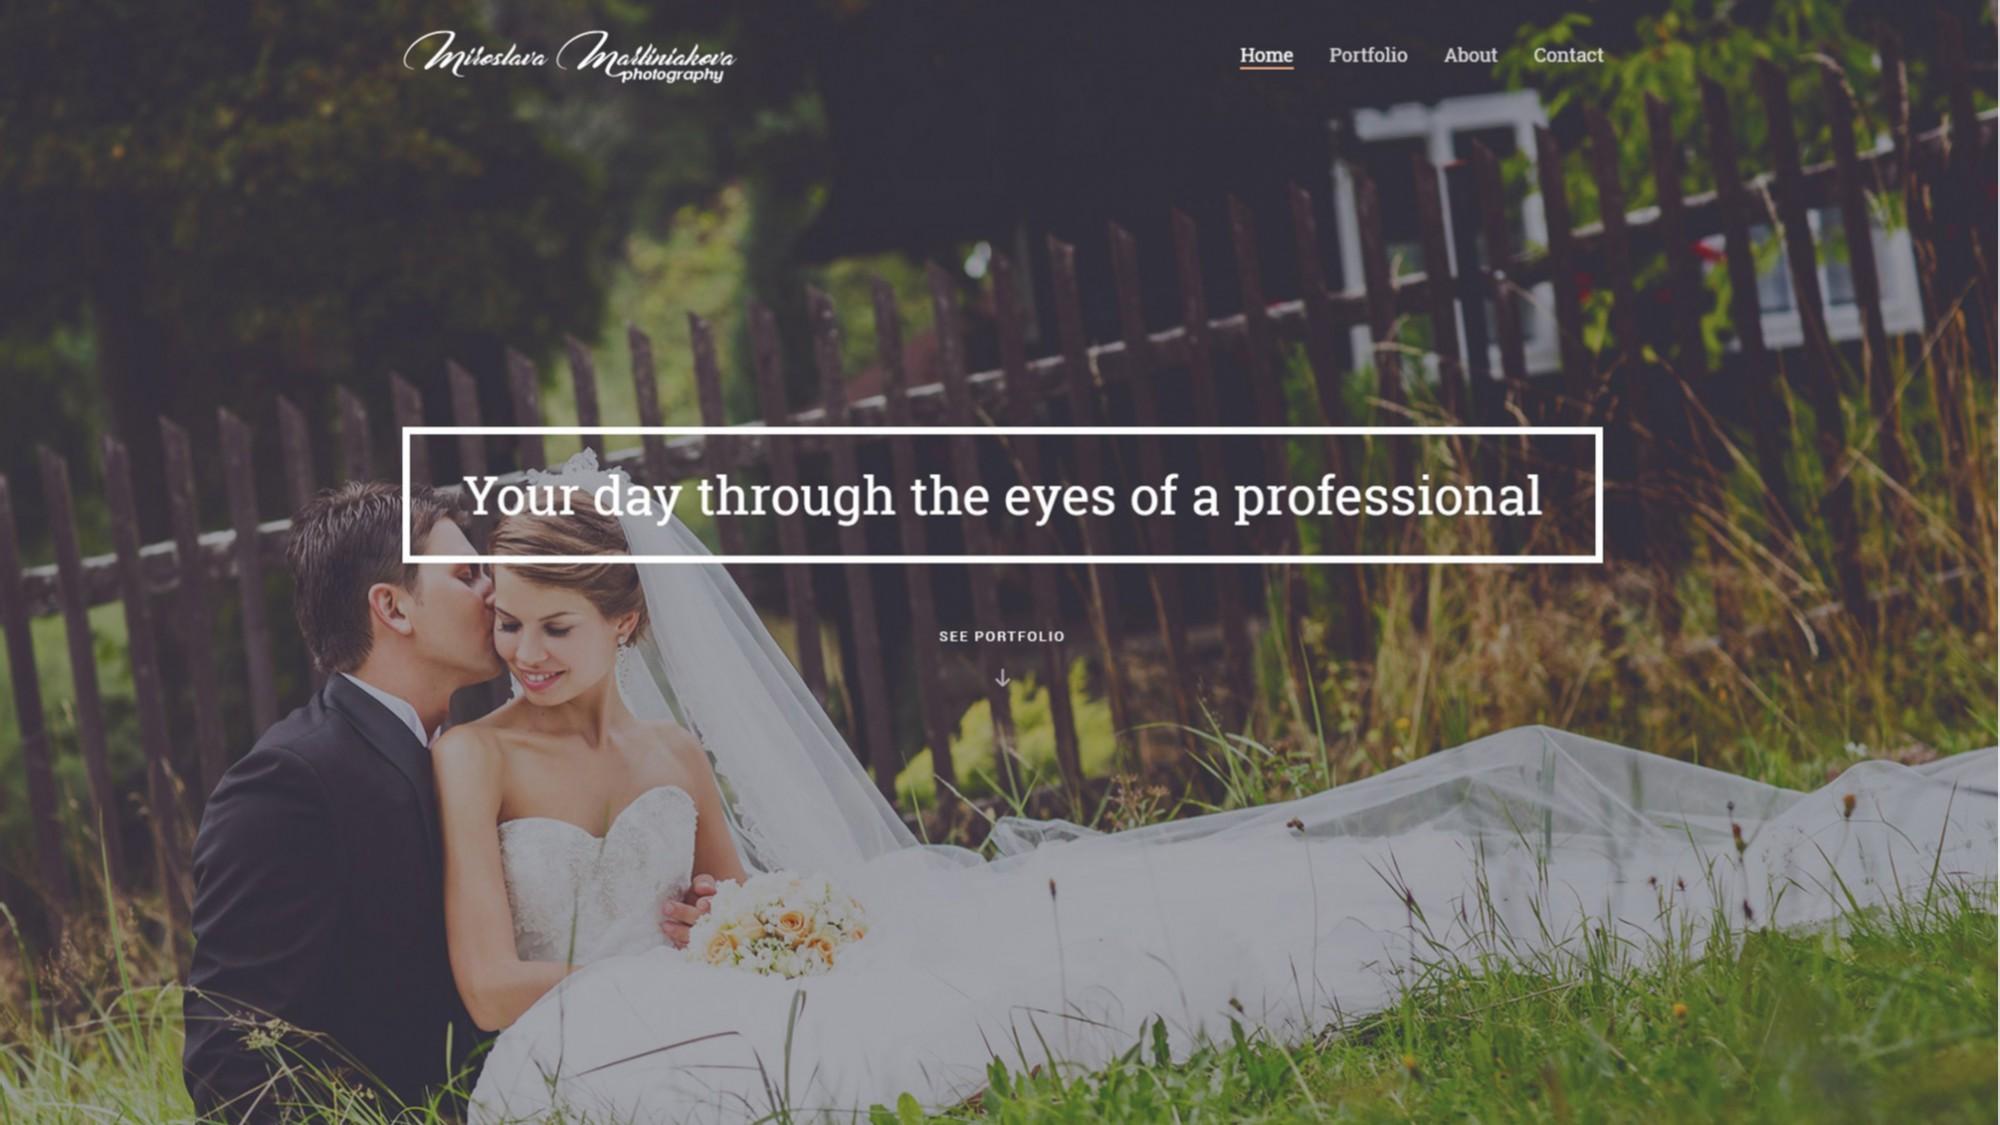 Svadobná prezentácia na novom webovom priestore